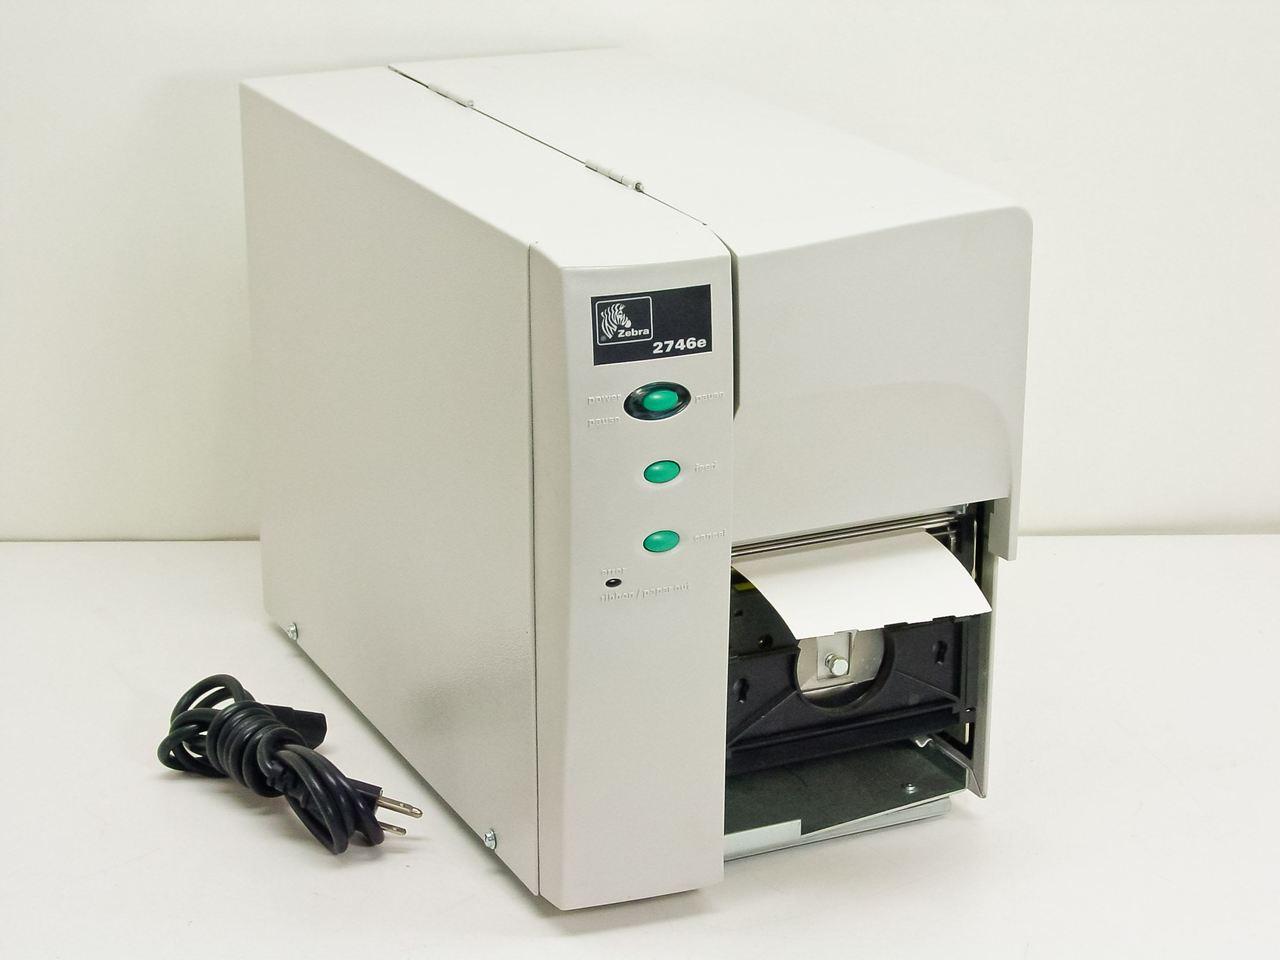 zebra 274e 10411 0010 2746e label printer recycledgoods com rh recycledgoods com Zebra 2746E Driver Window 7 zebra 2746e service manual